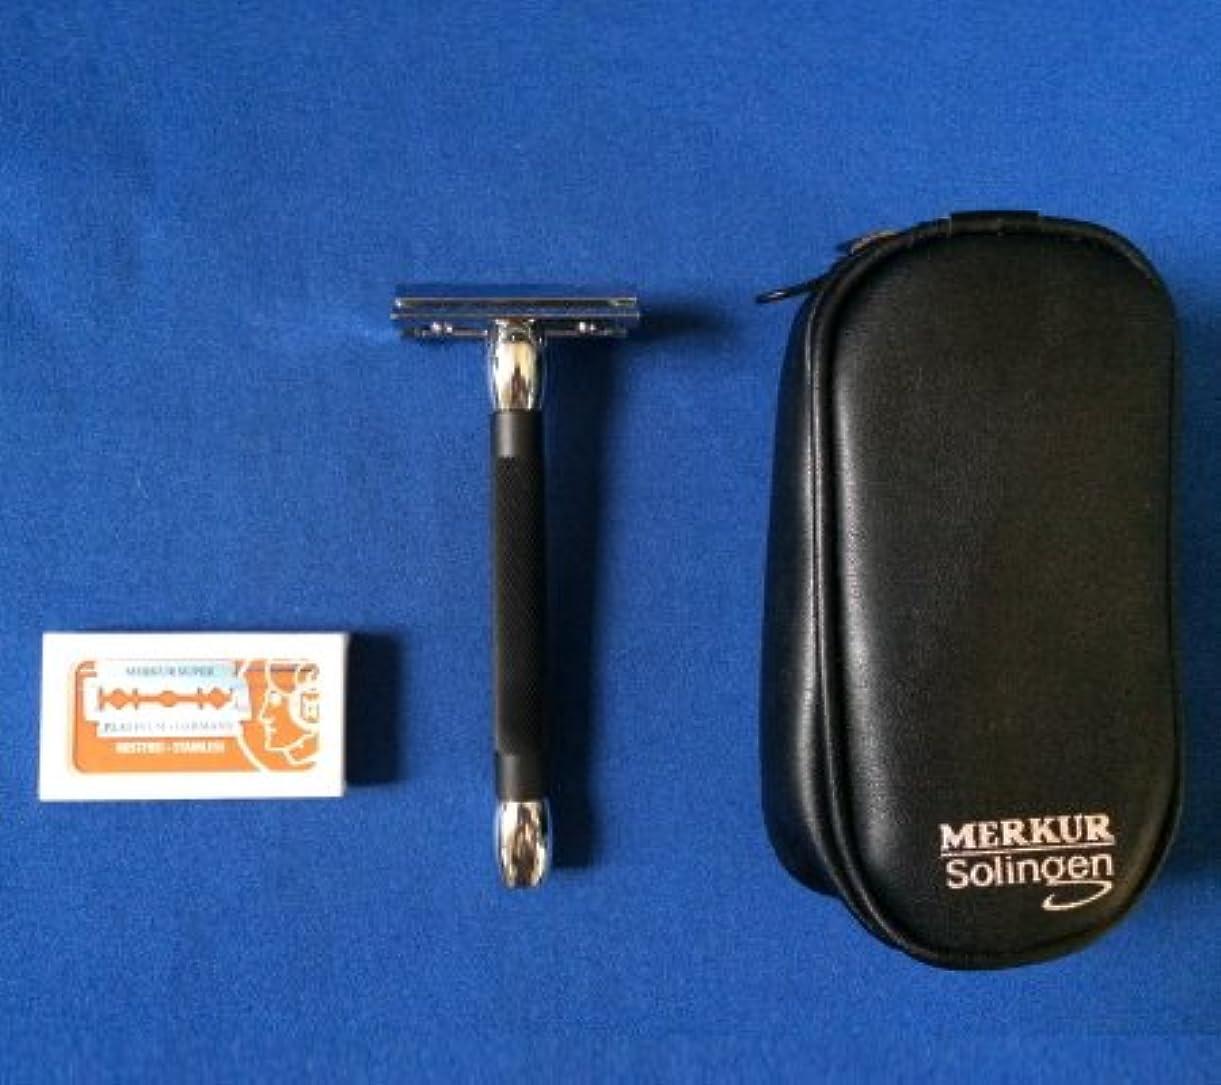 ビザ暗いパプアニューギニアメルクール髭剃り(ひげそり) 20011ブラック(専用革ケース&替刃11枚付)